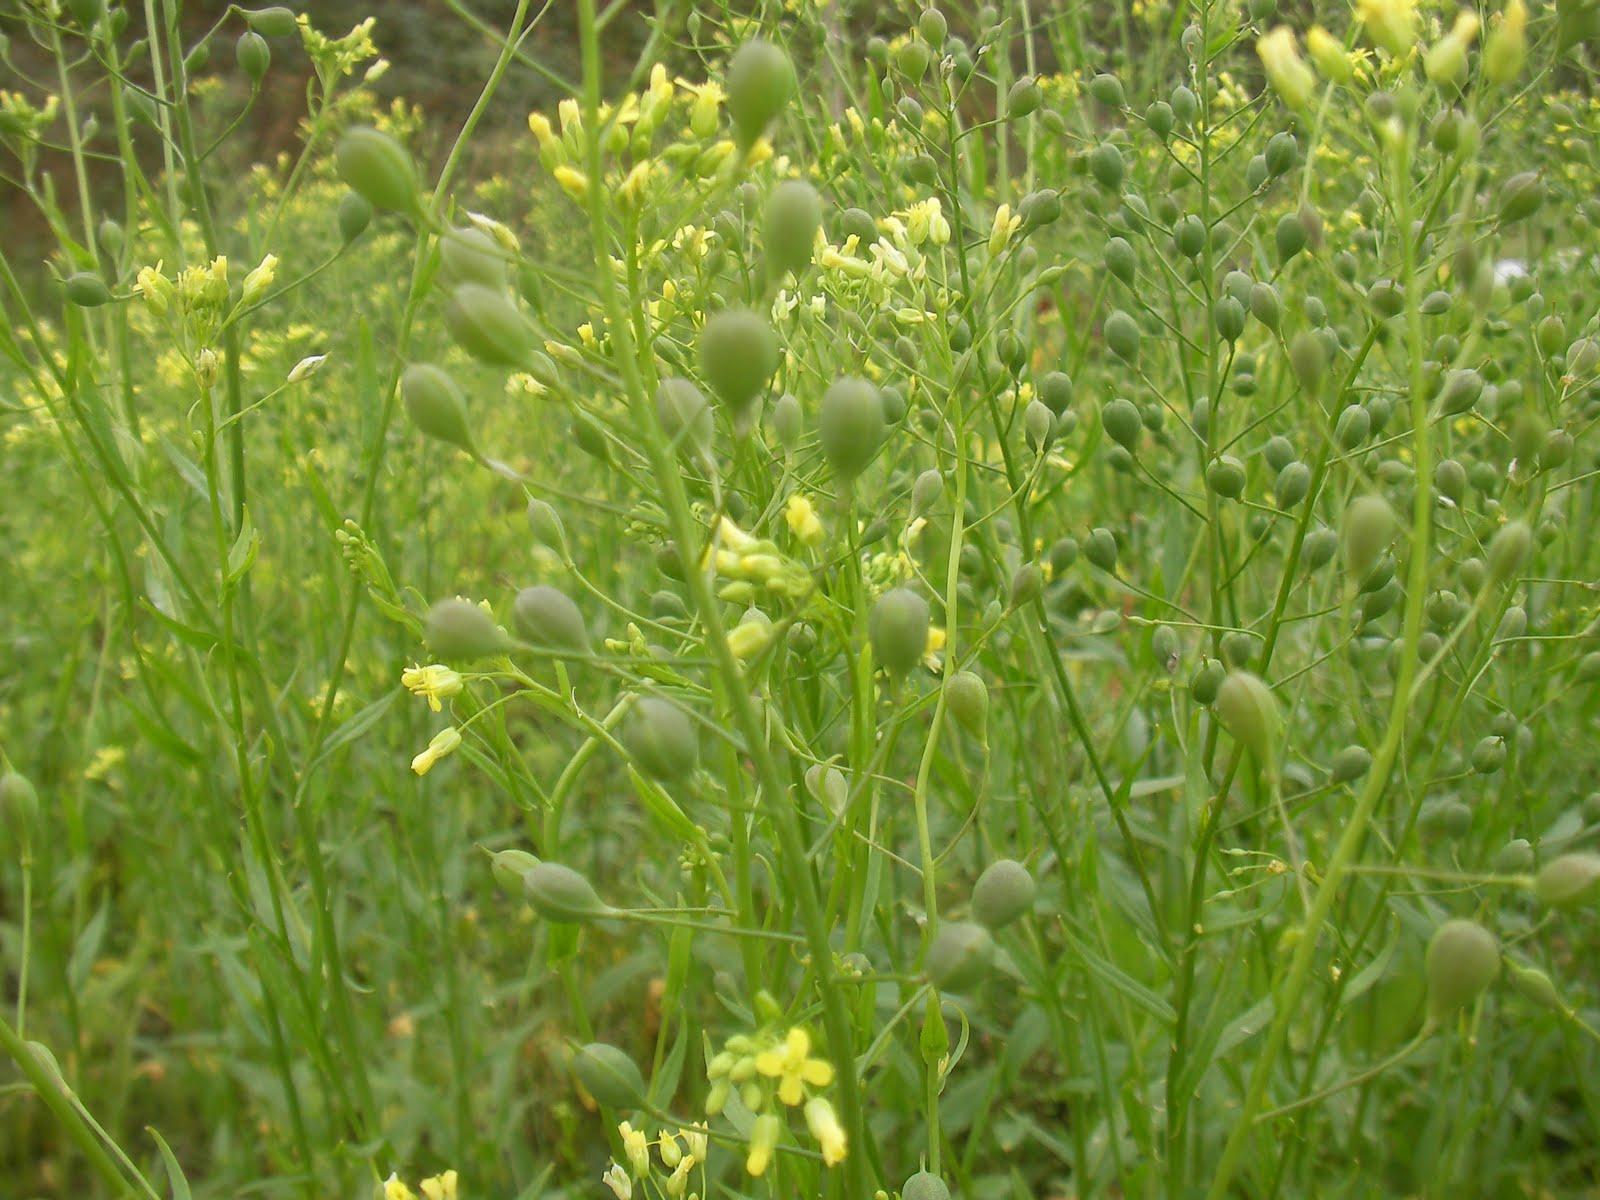 Controlul dăunătorilor, cu flori care sintetizează feromoni